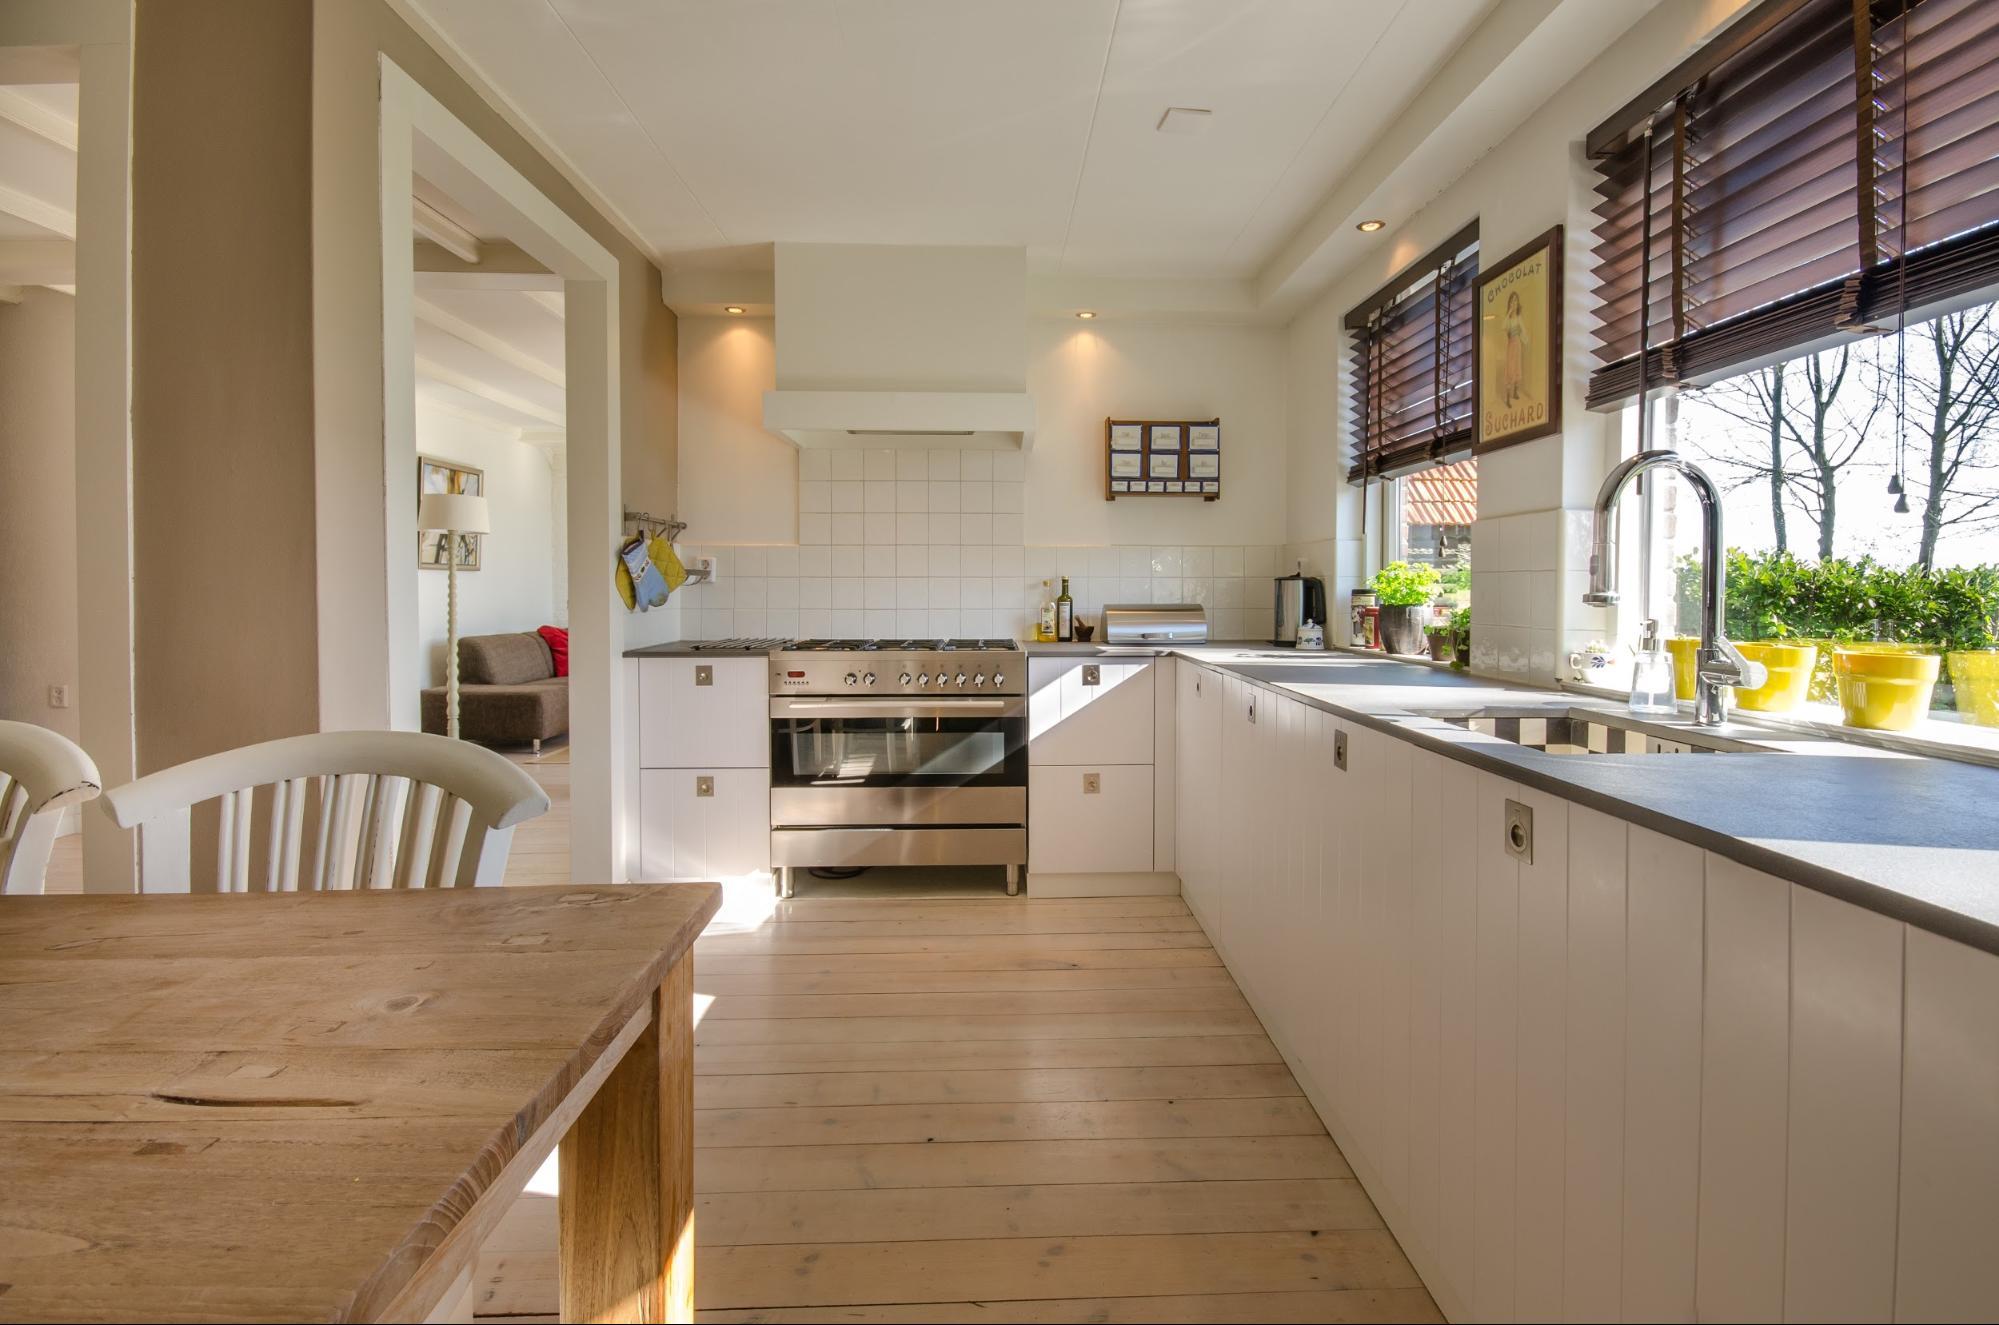 Den optimalen Bodenbelag für die Küche finden – wie gut sind ...